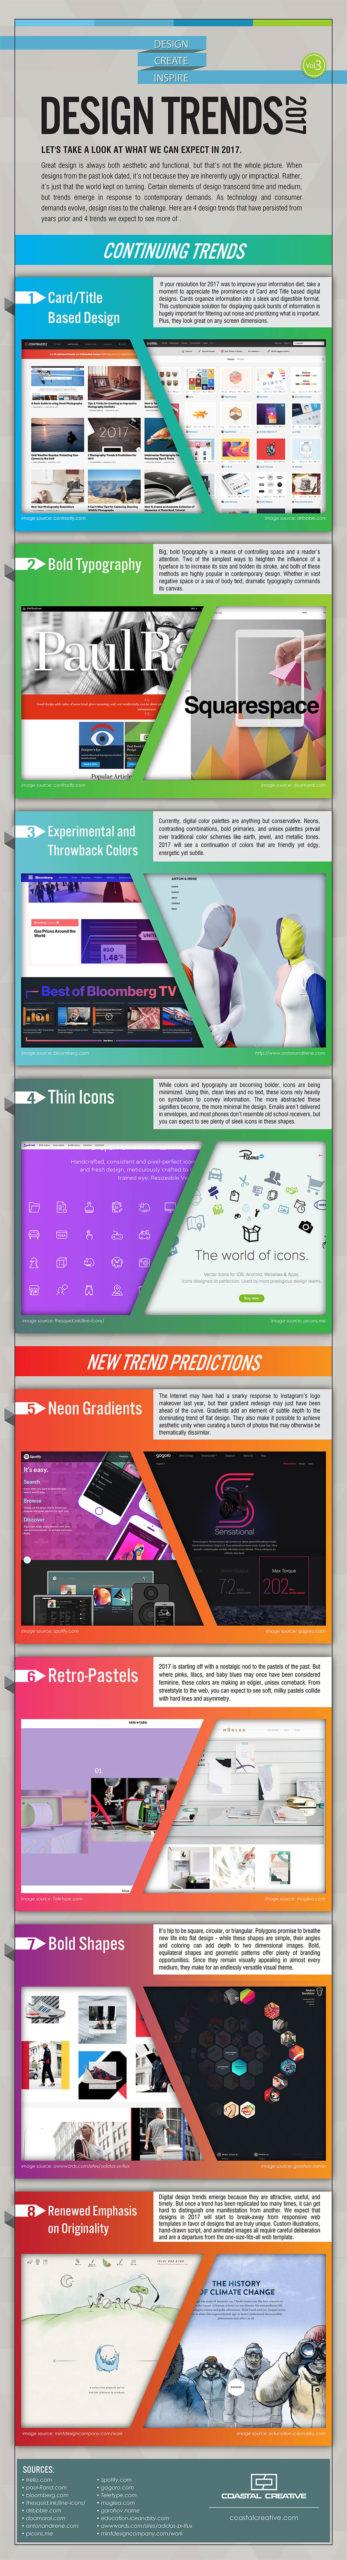 Design-Trends-2017